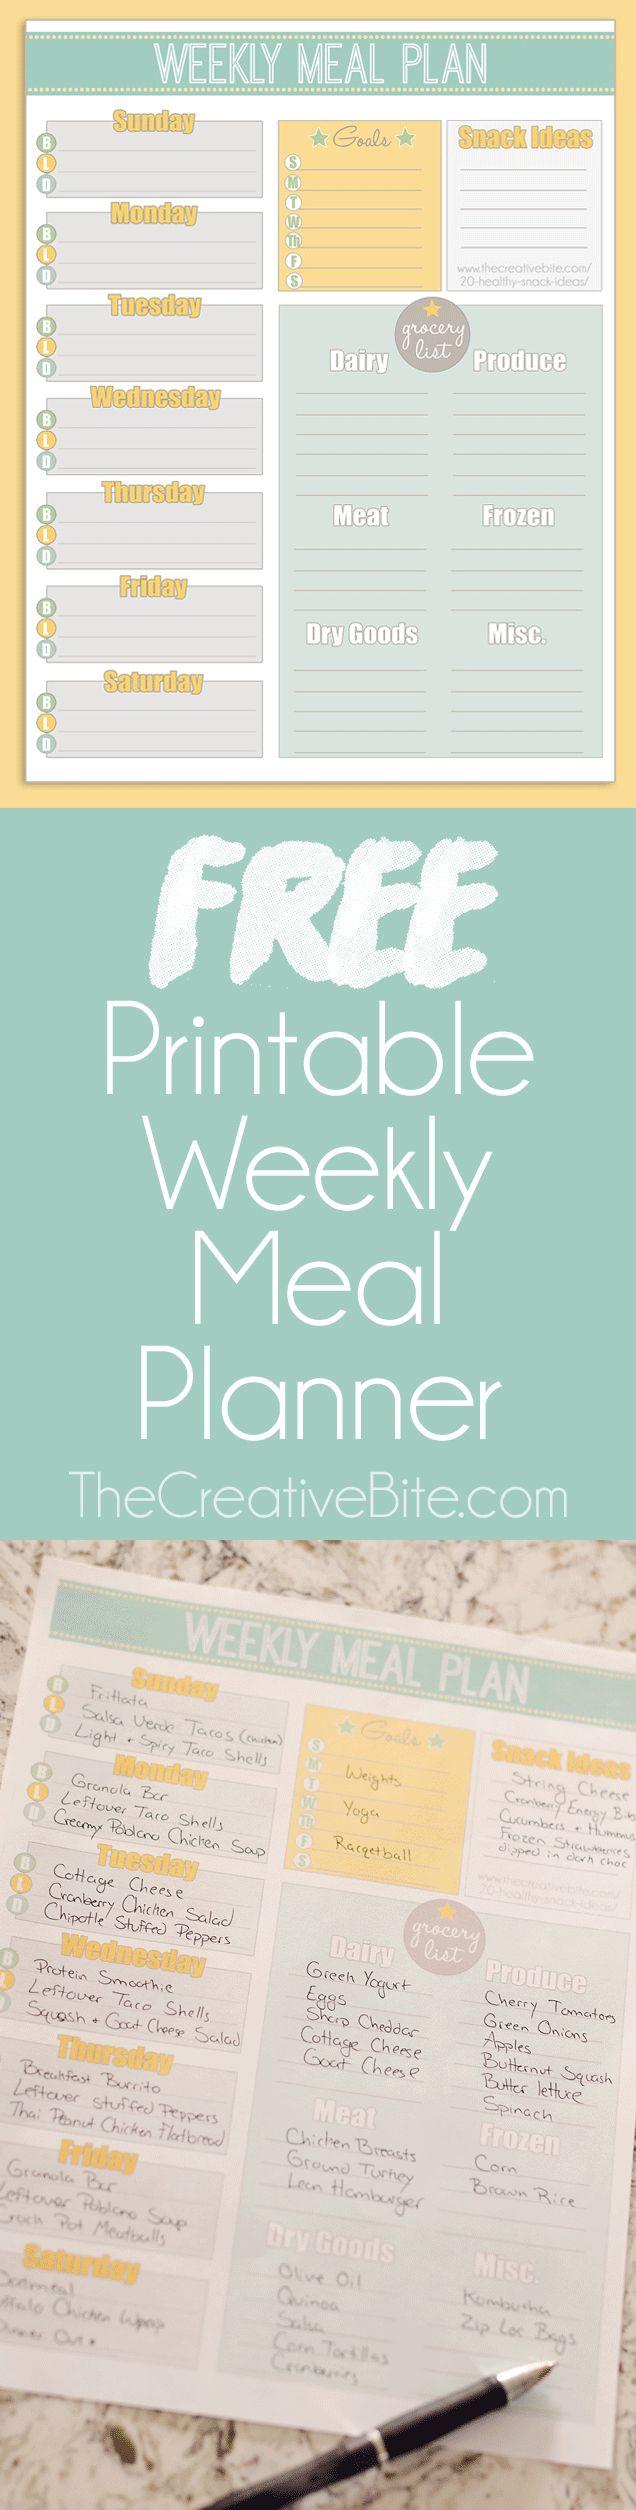 Free printable weekly meal planner calendar